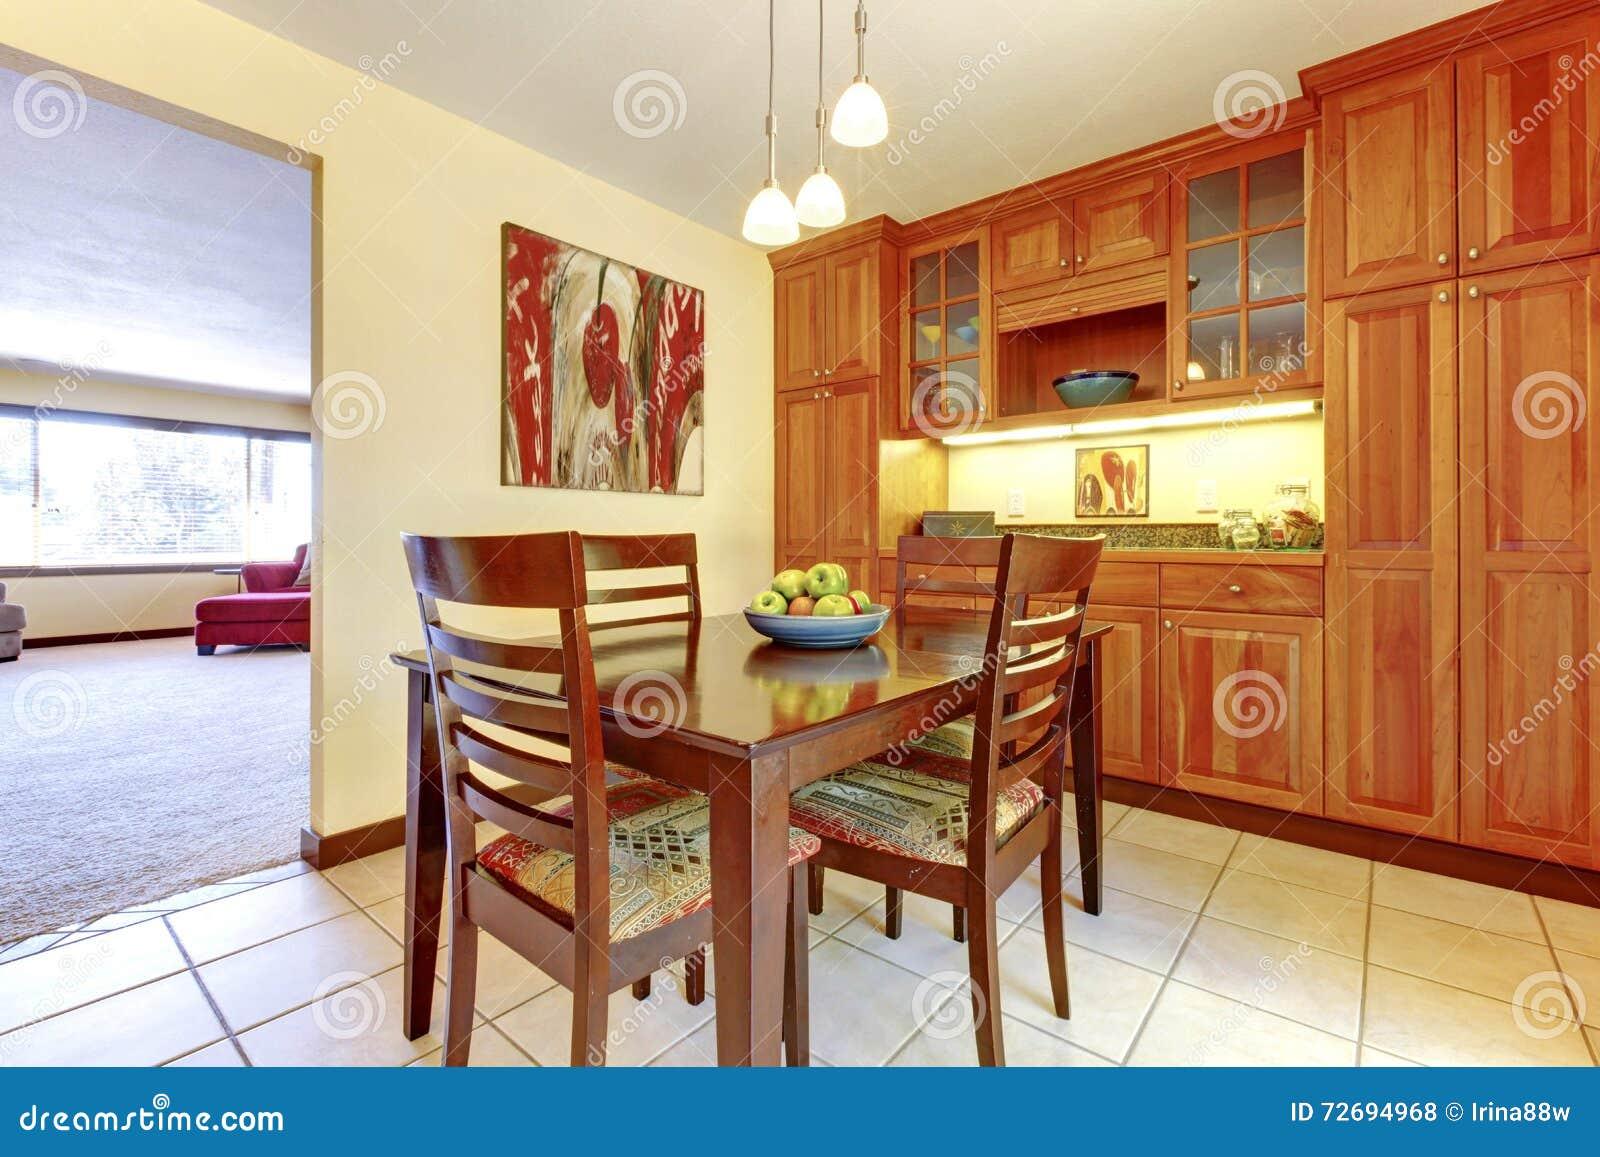 Oranje eetkamer met houten vloer en keuken. stock foto's ...